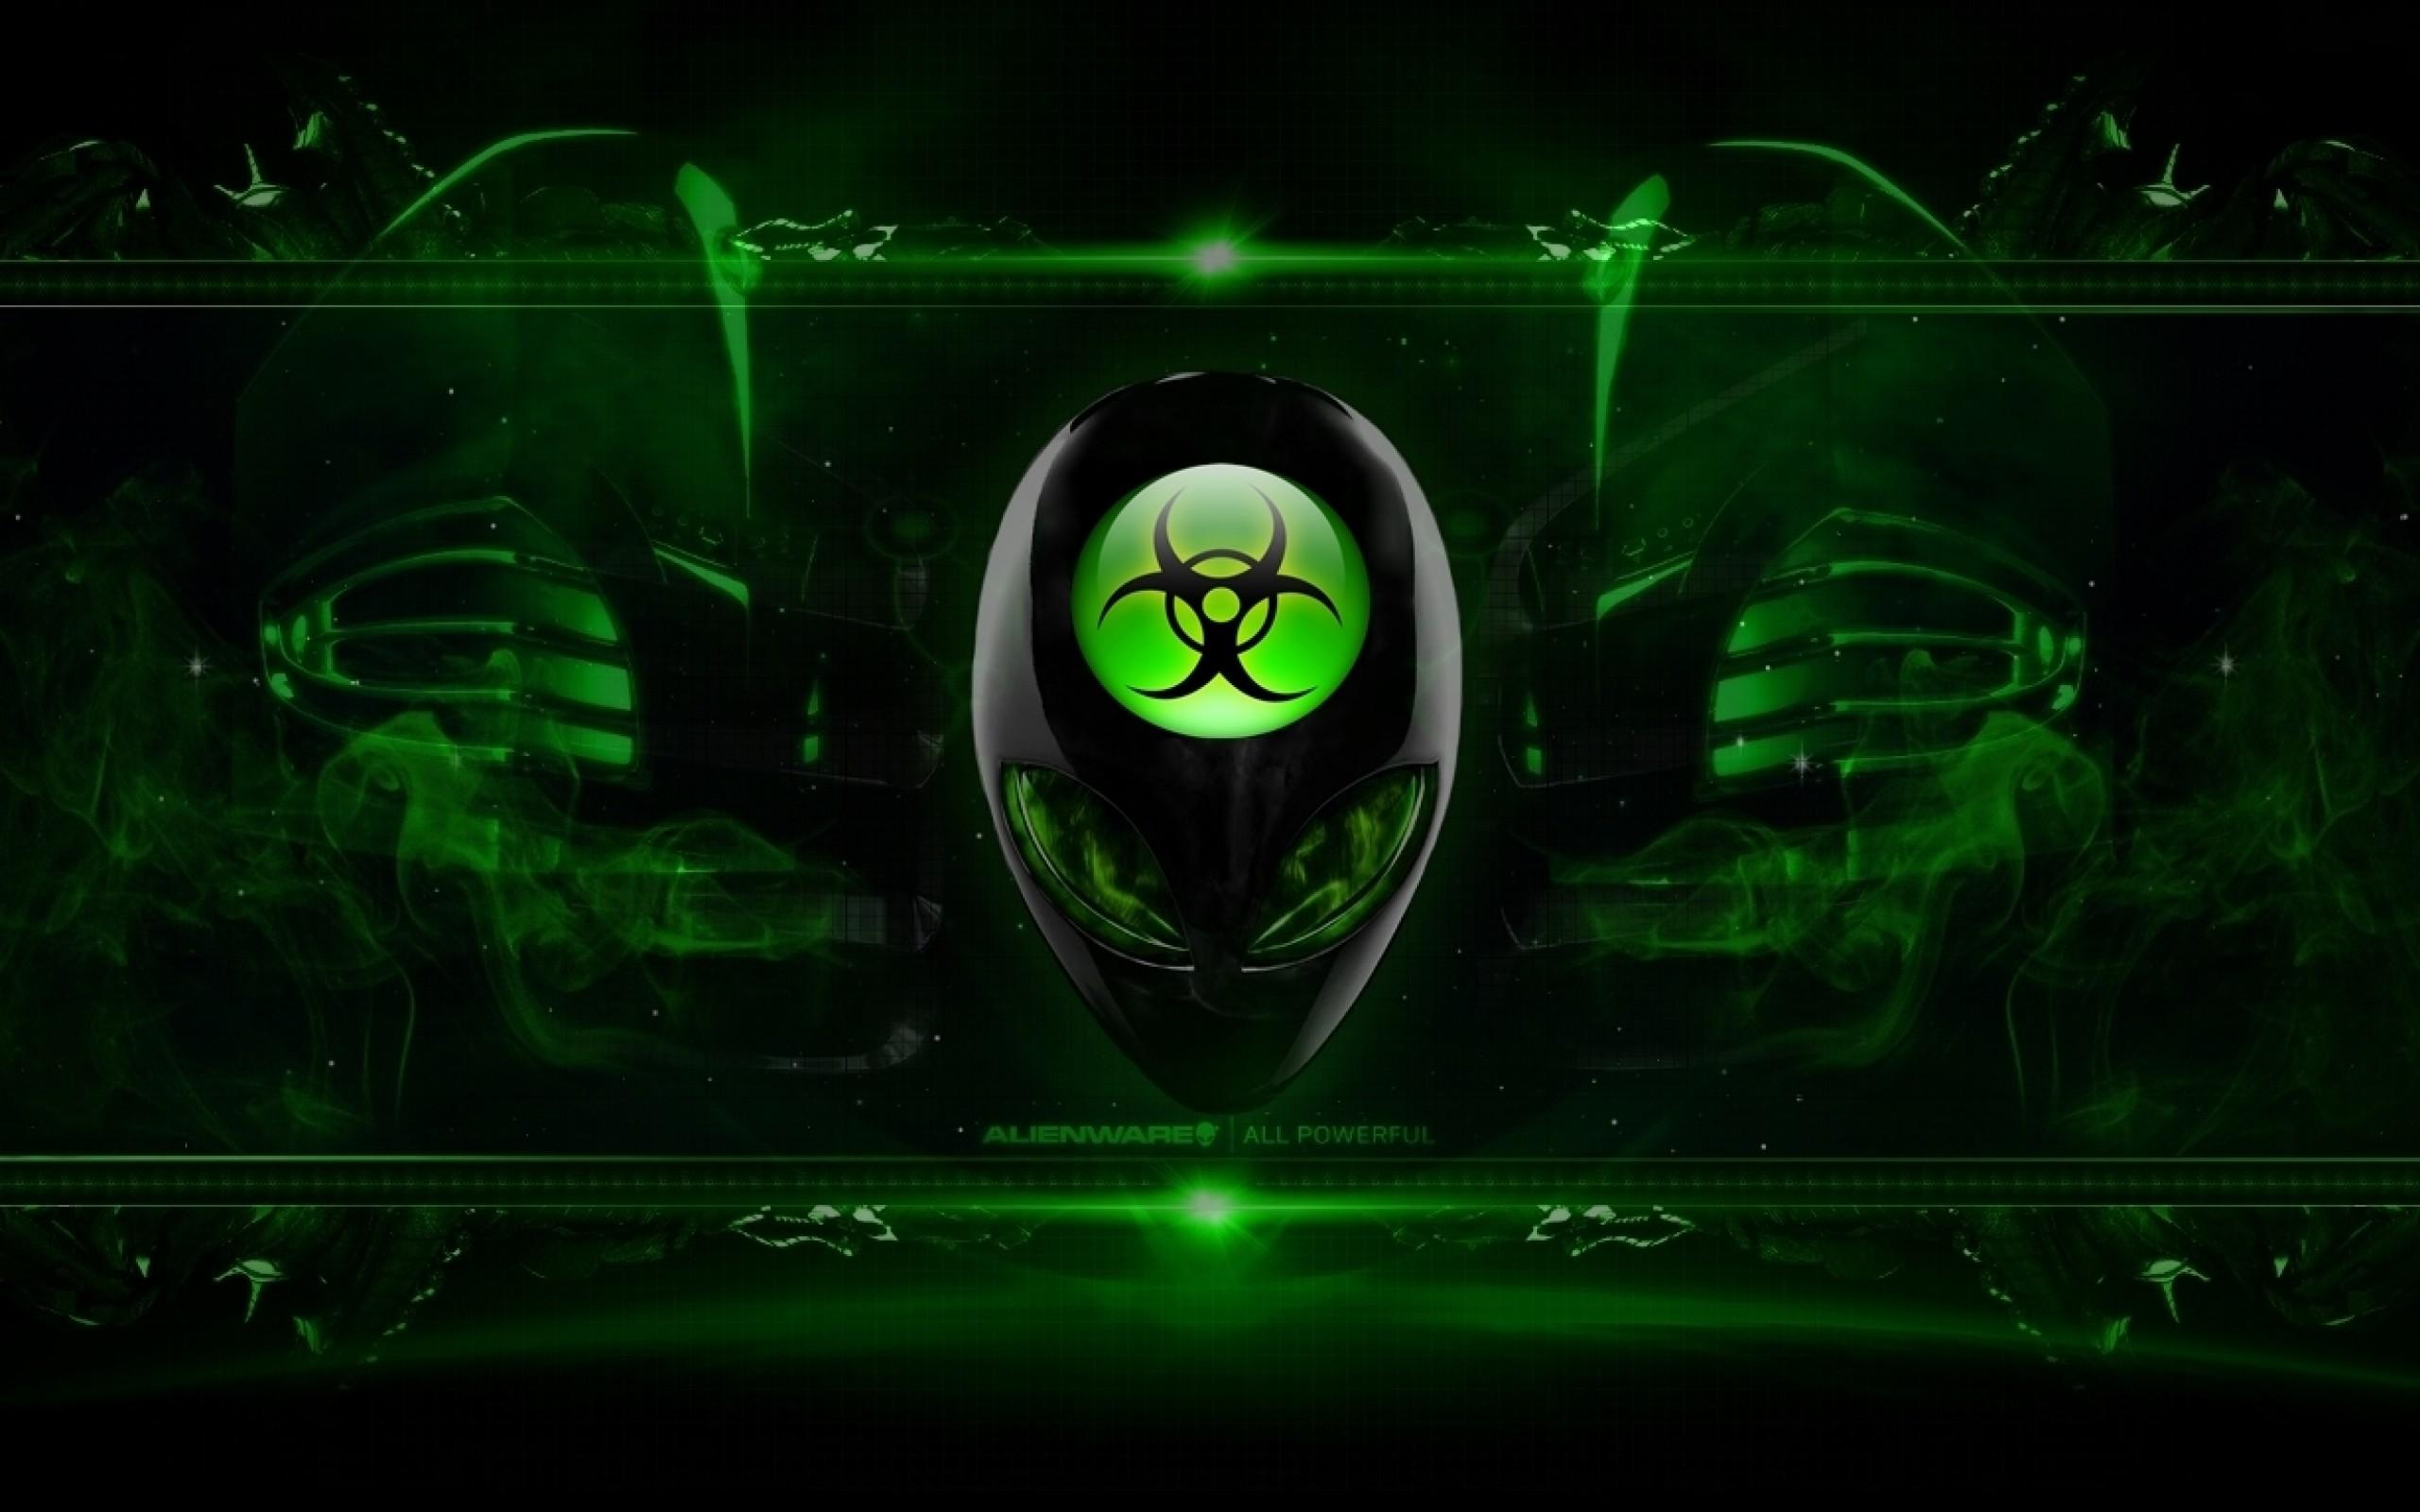 Alienware Desktop Backgrounds   Alienware Fx Themes 2560x1600